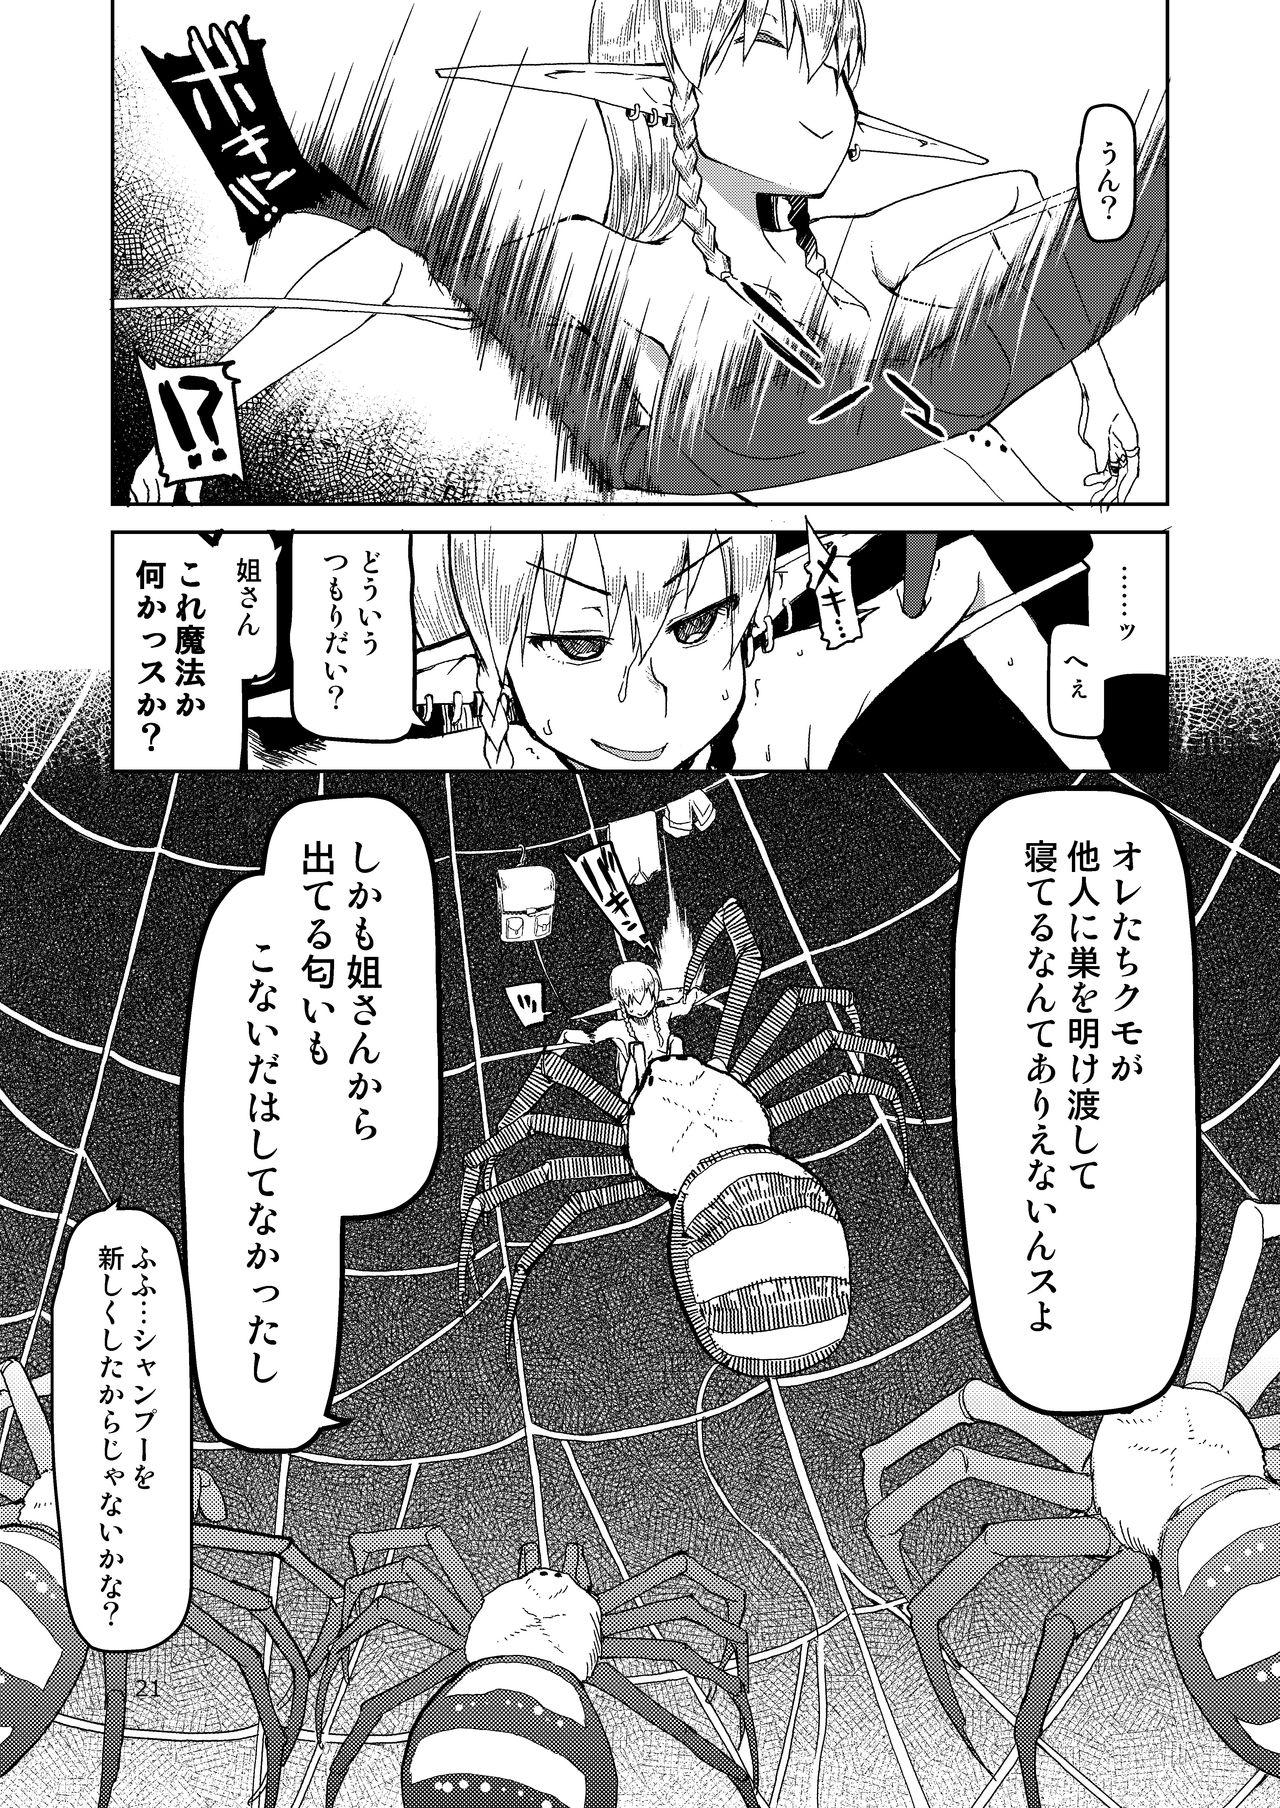 Dosukebe Elf no Ishukan Nikki Matome 2 21